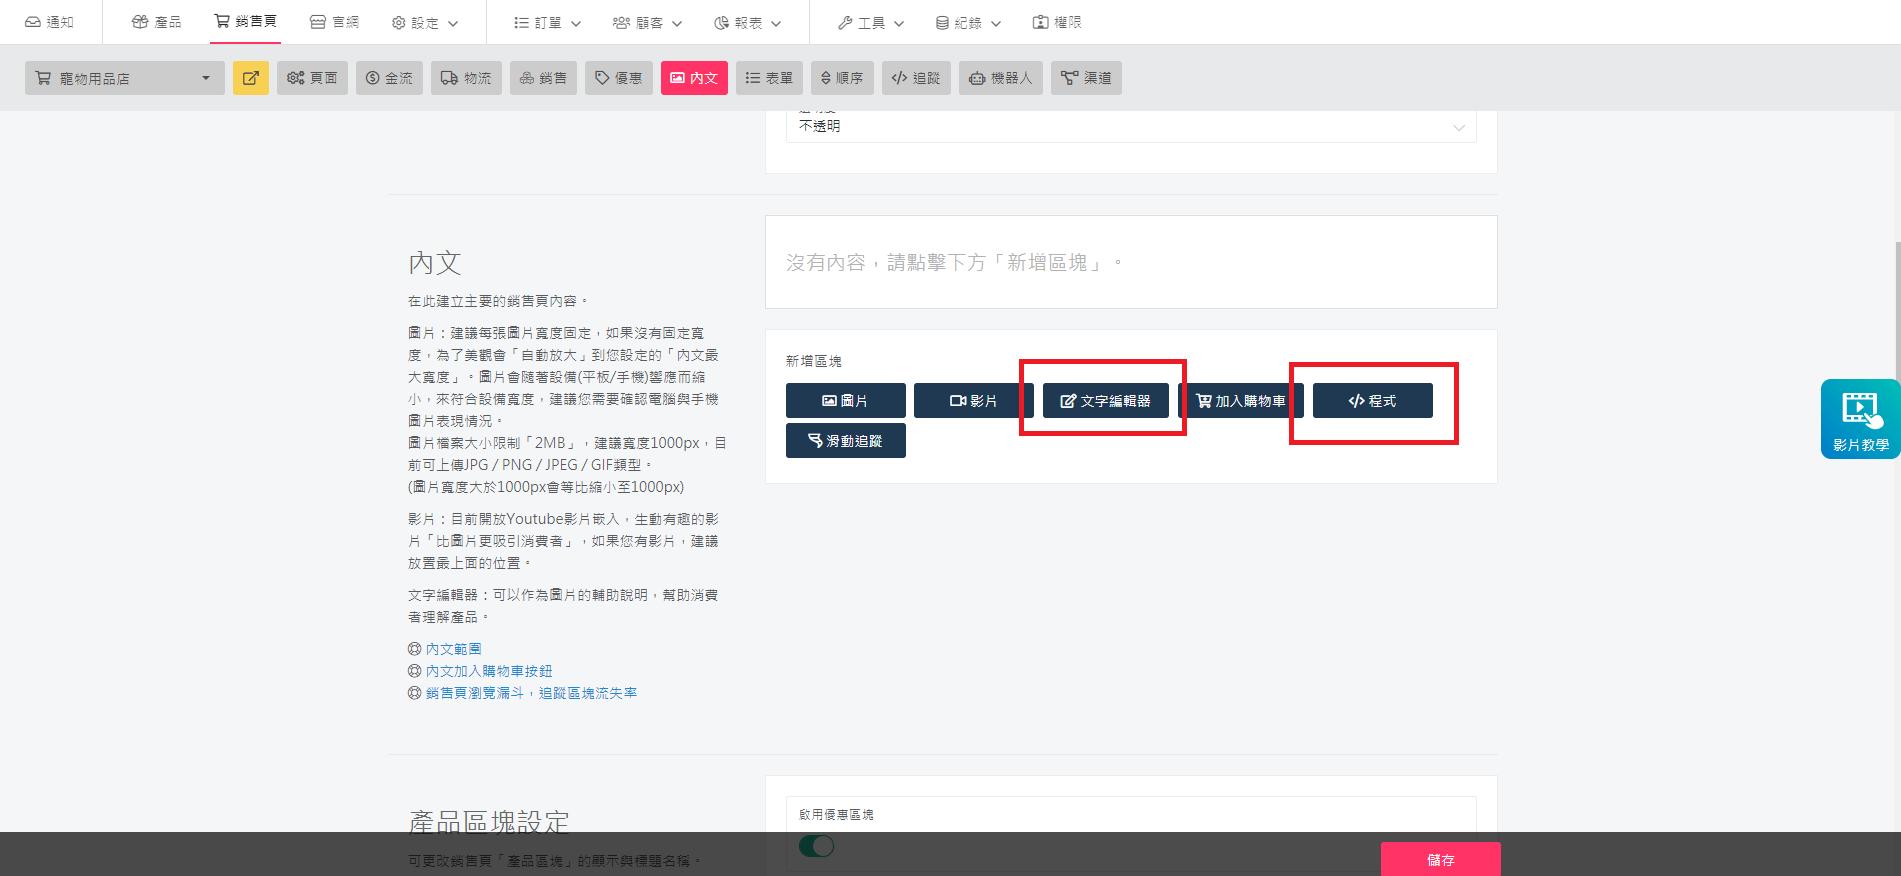 修改程式碼後網頁打不開 內文